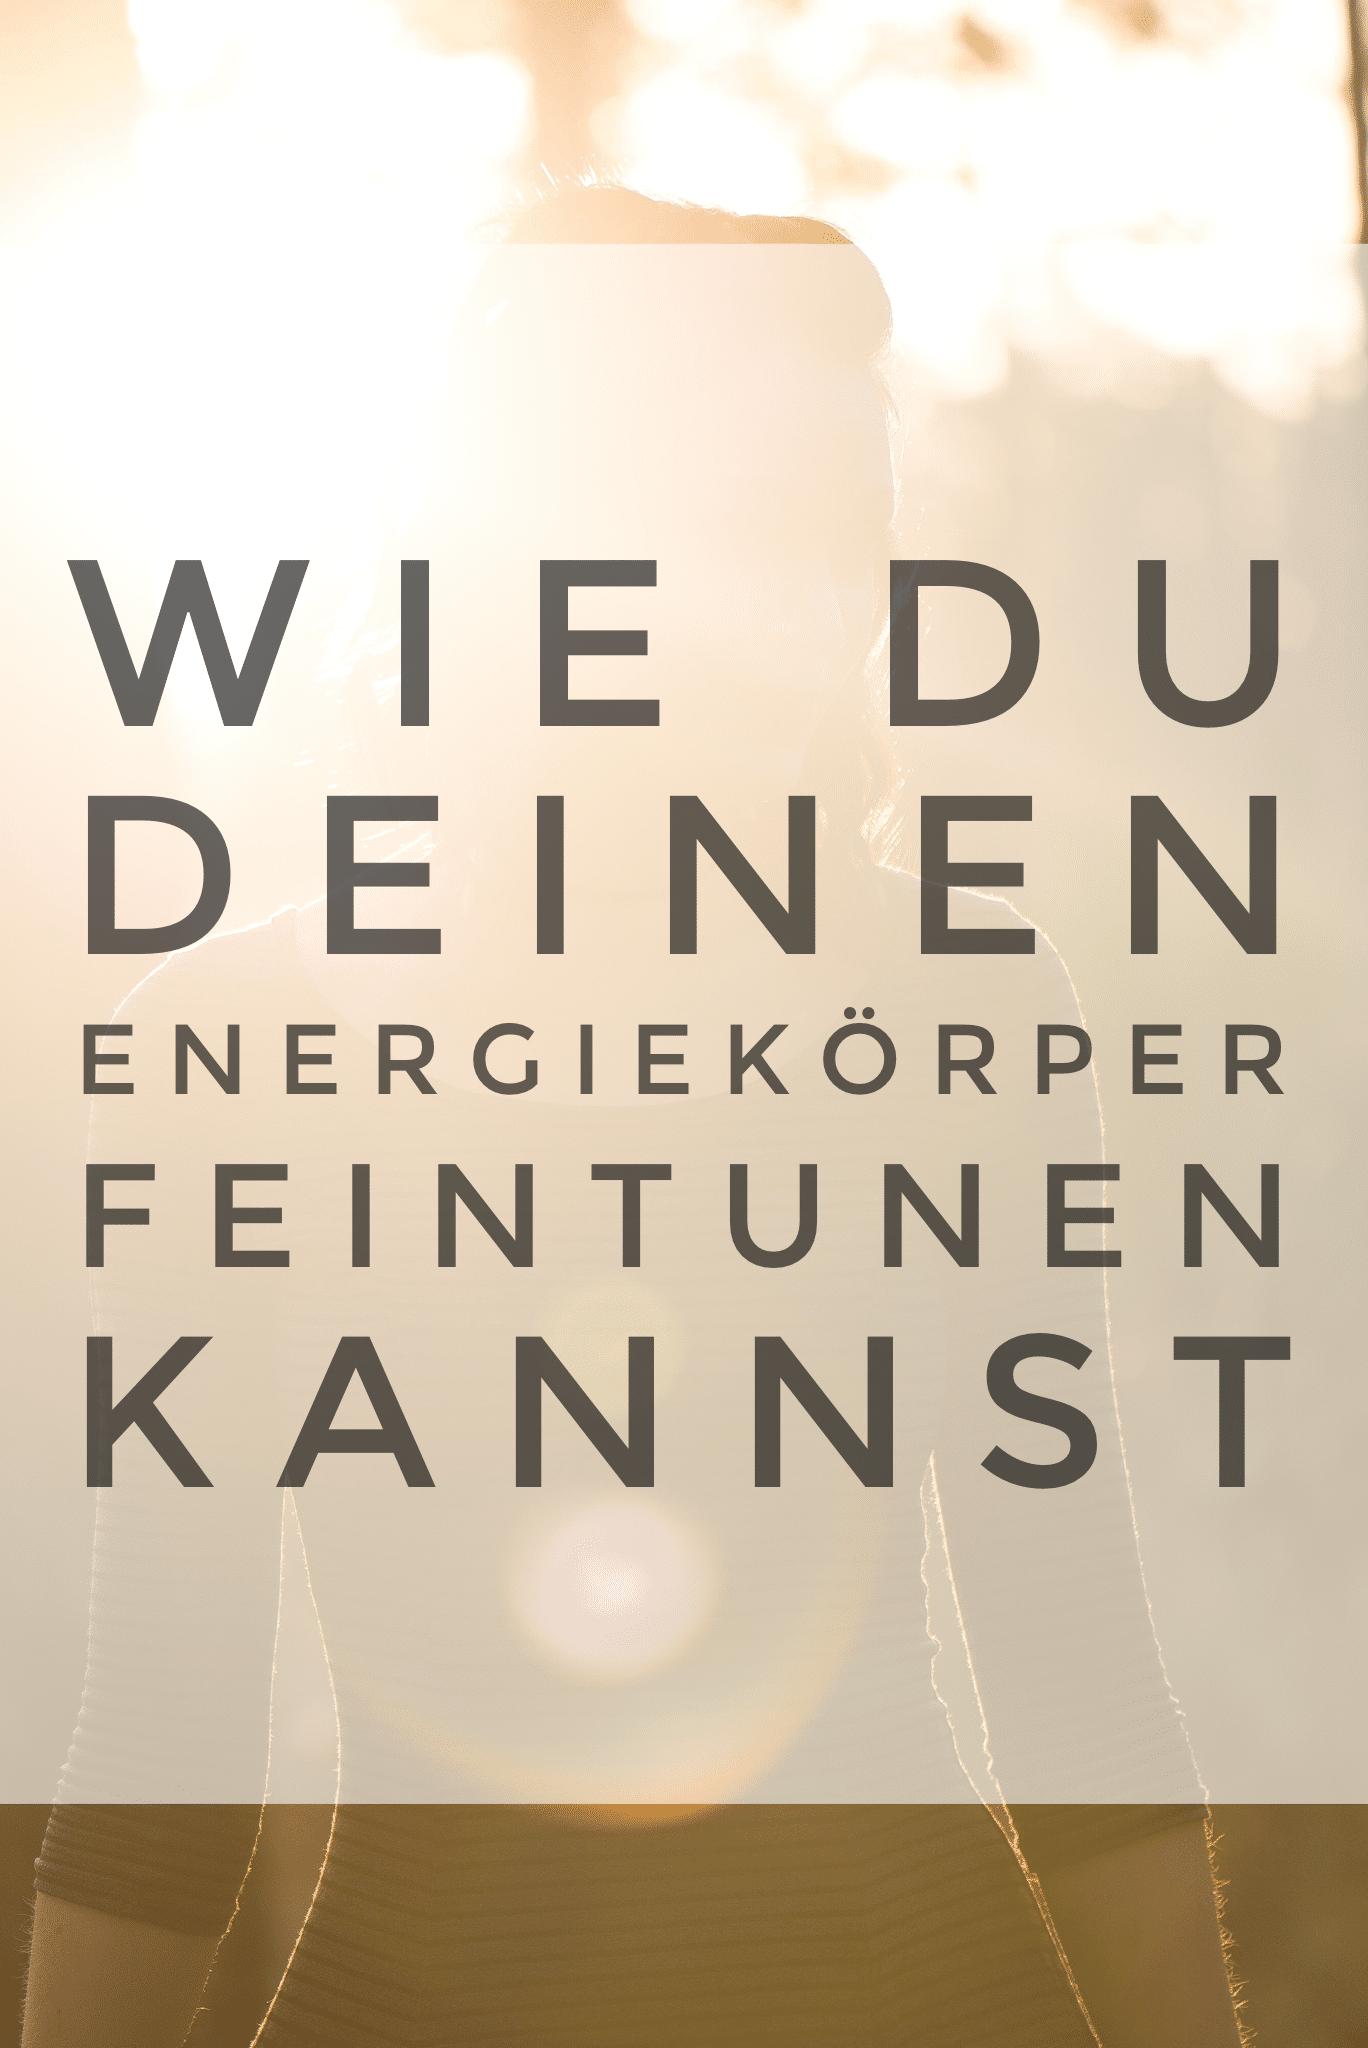 Feintuning des Energiekörpers!